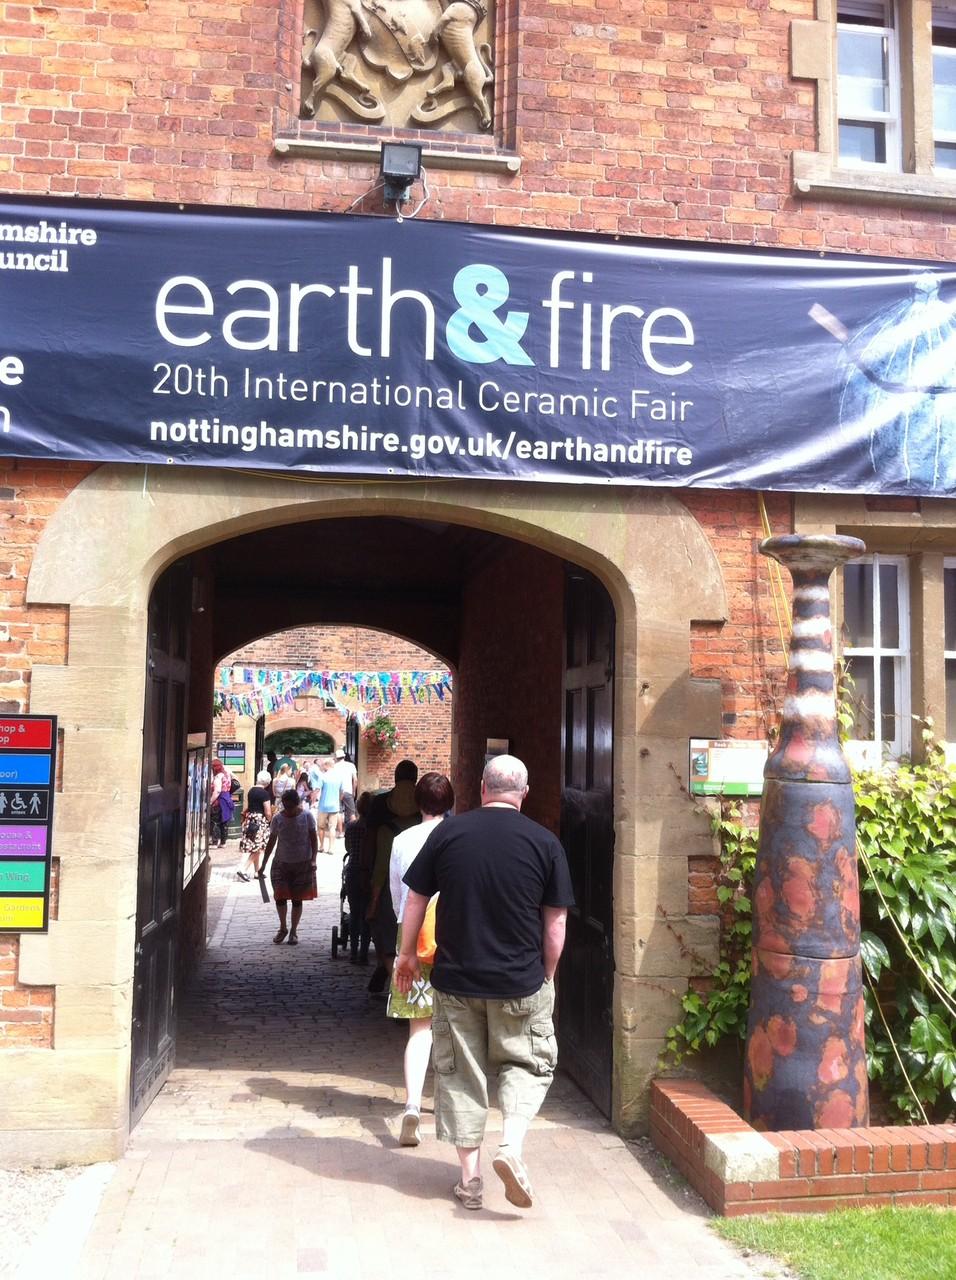 Earth & Fire 2014, Rufford Abbey, UK